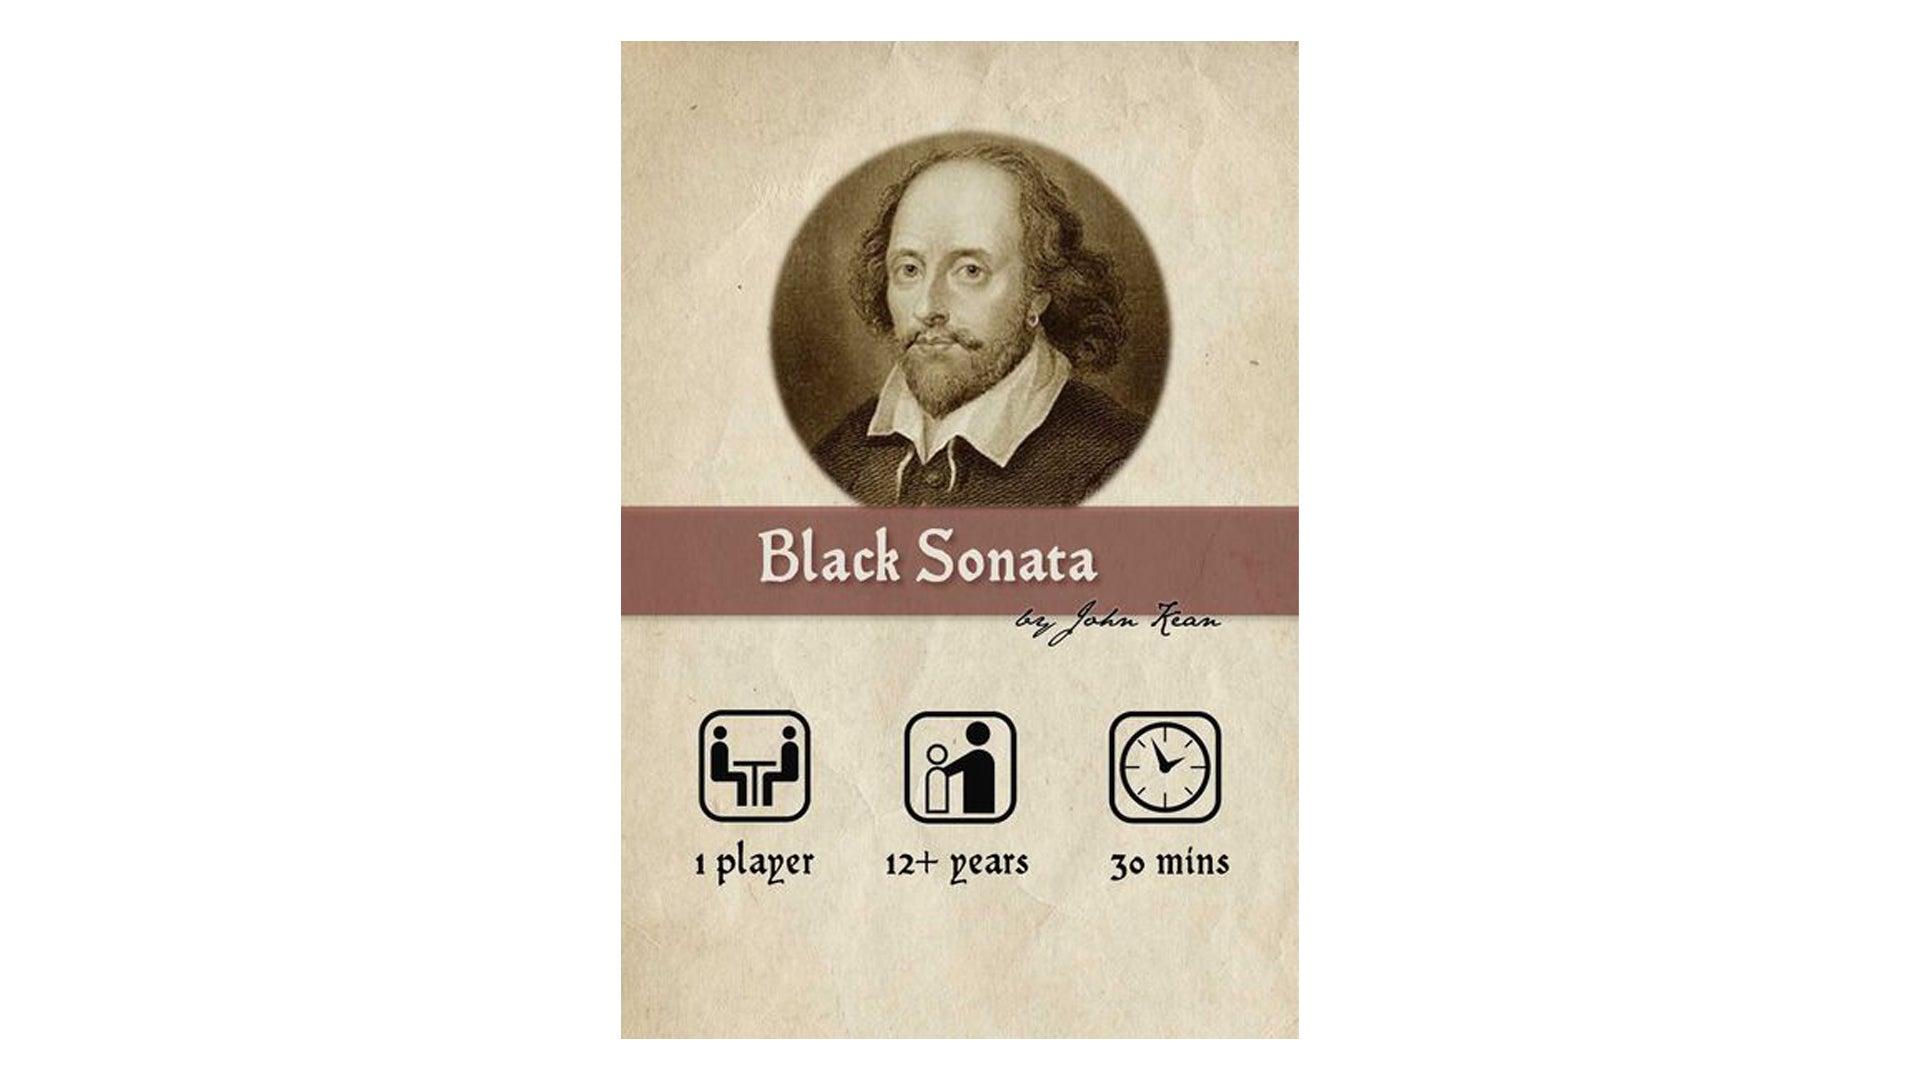 Black Sonata board game box